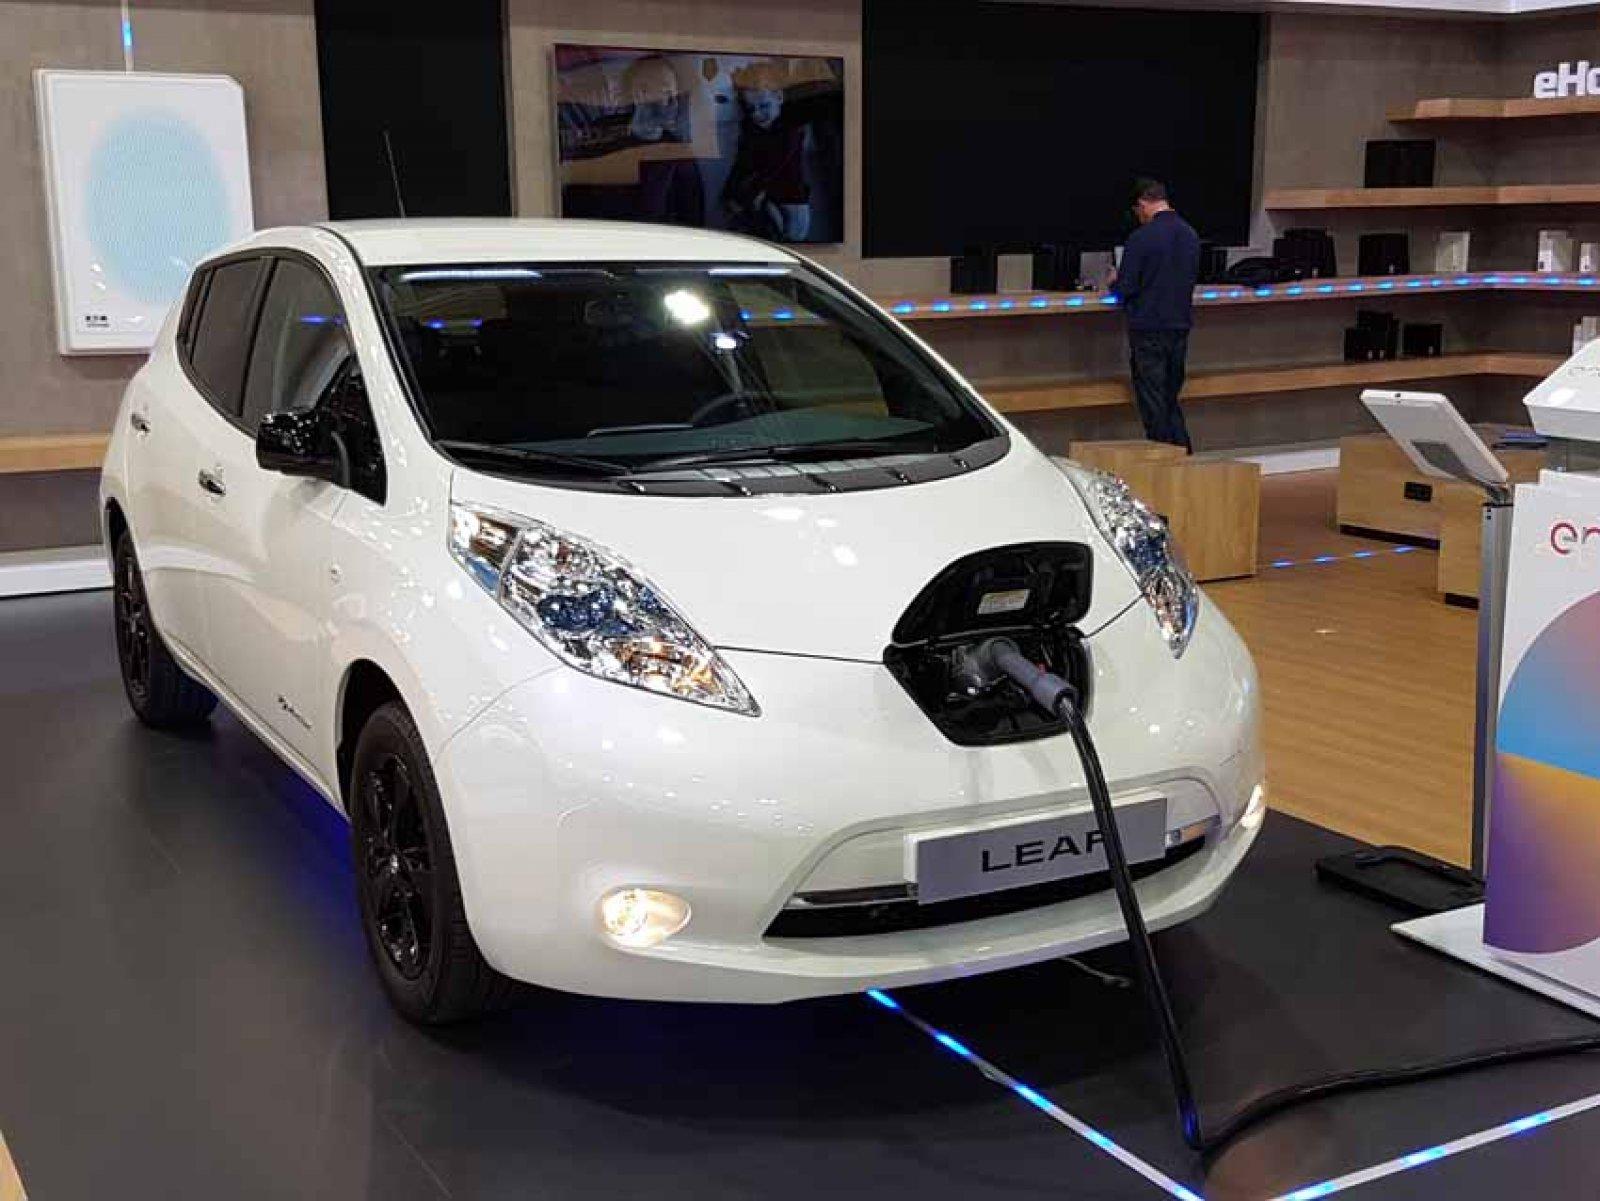 El model Leaf de Nissan